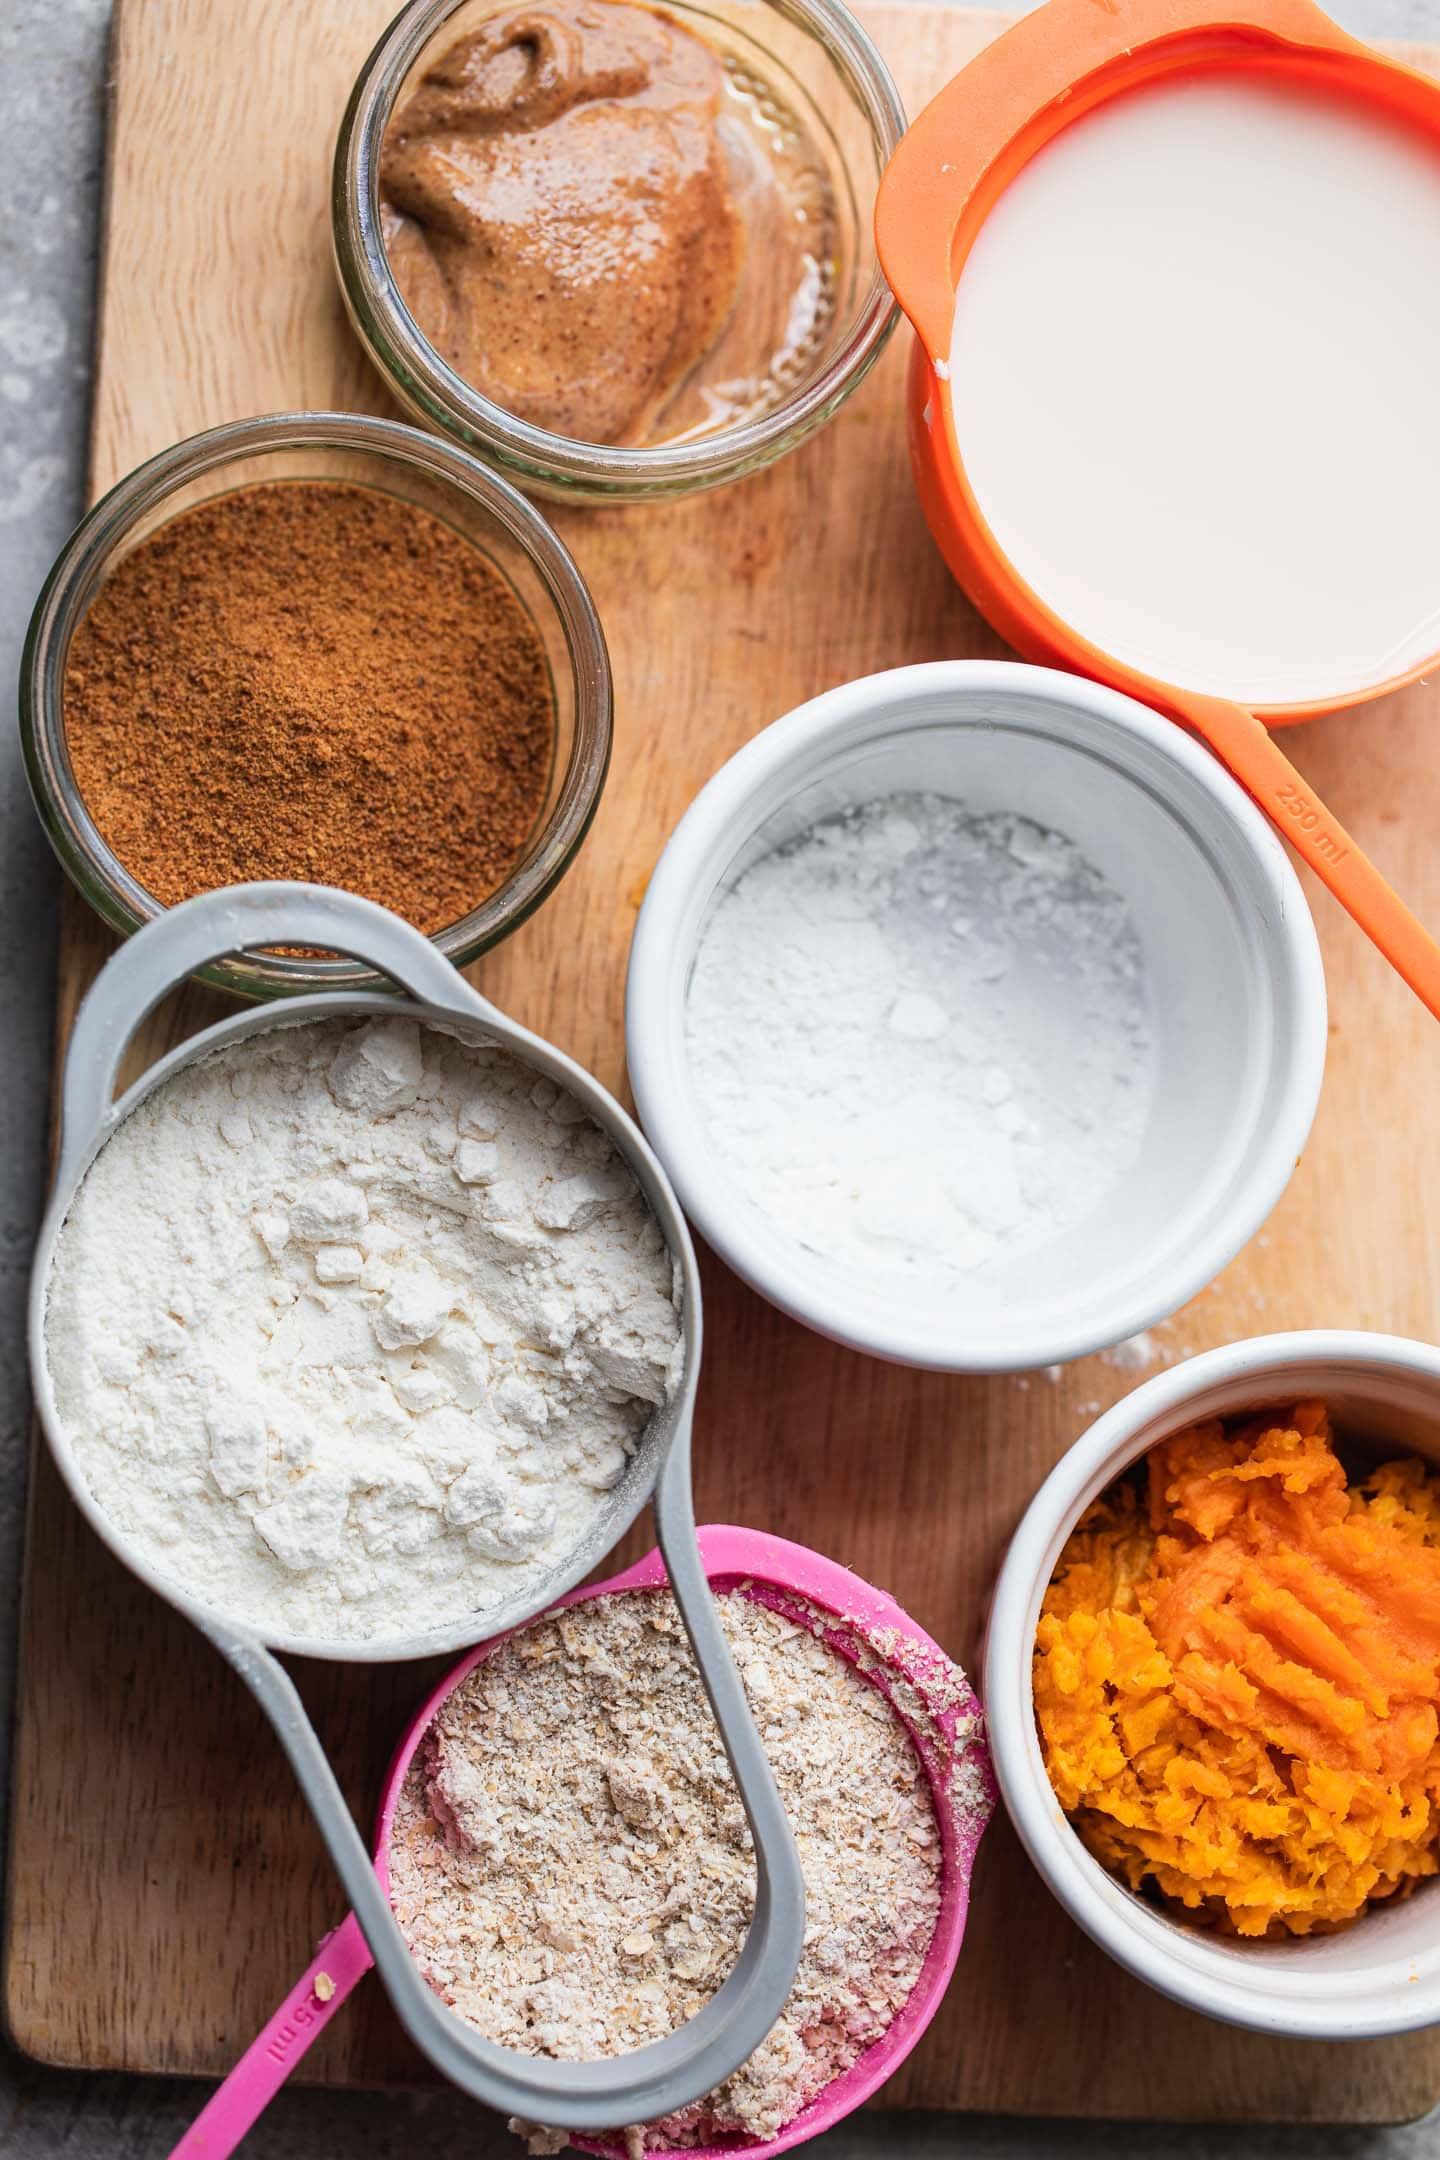 Ingredients for vegan pumpkin pancakes